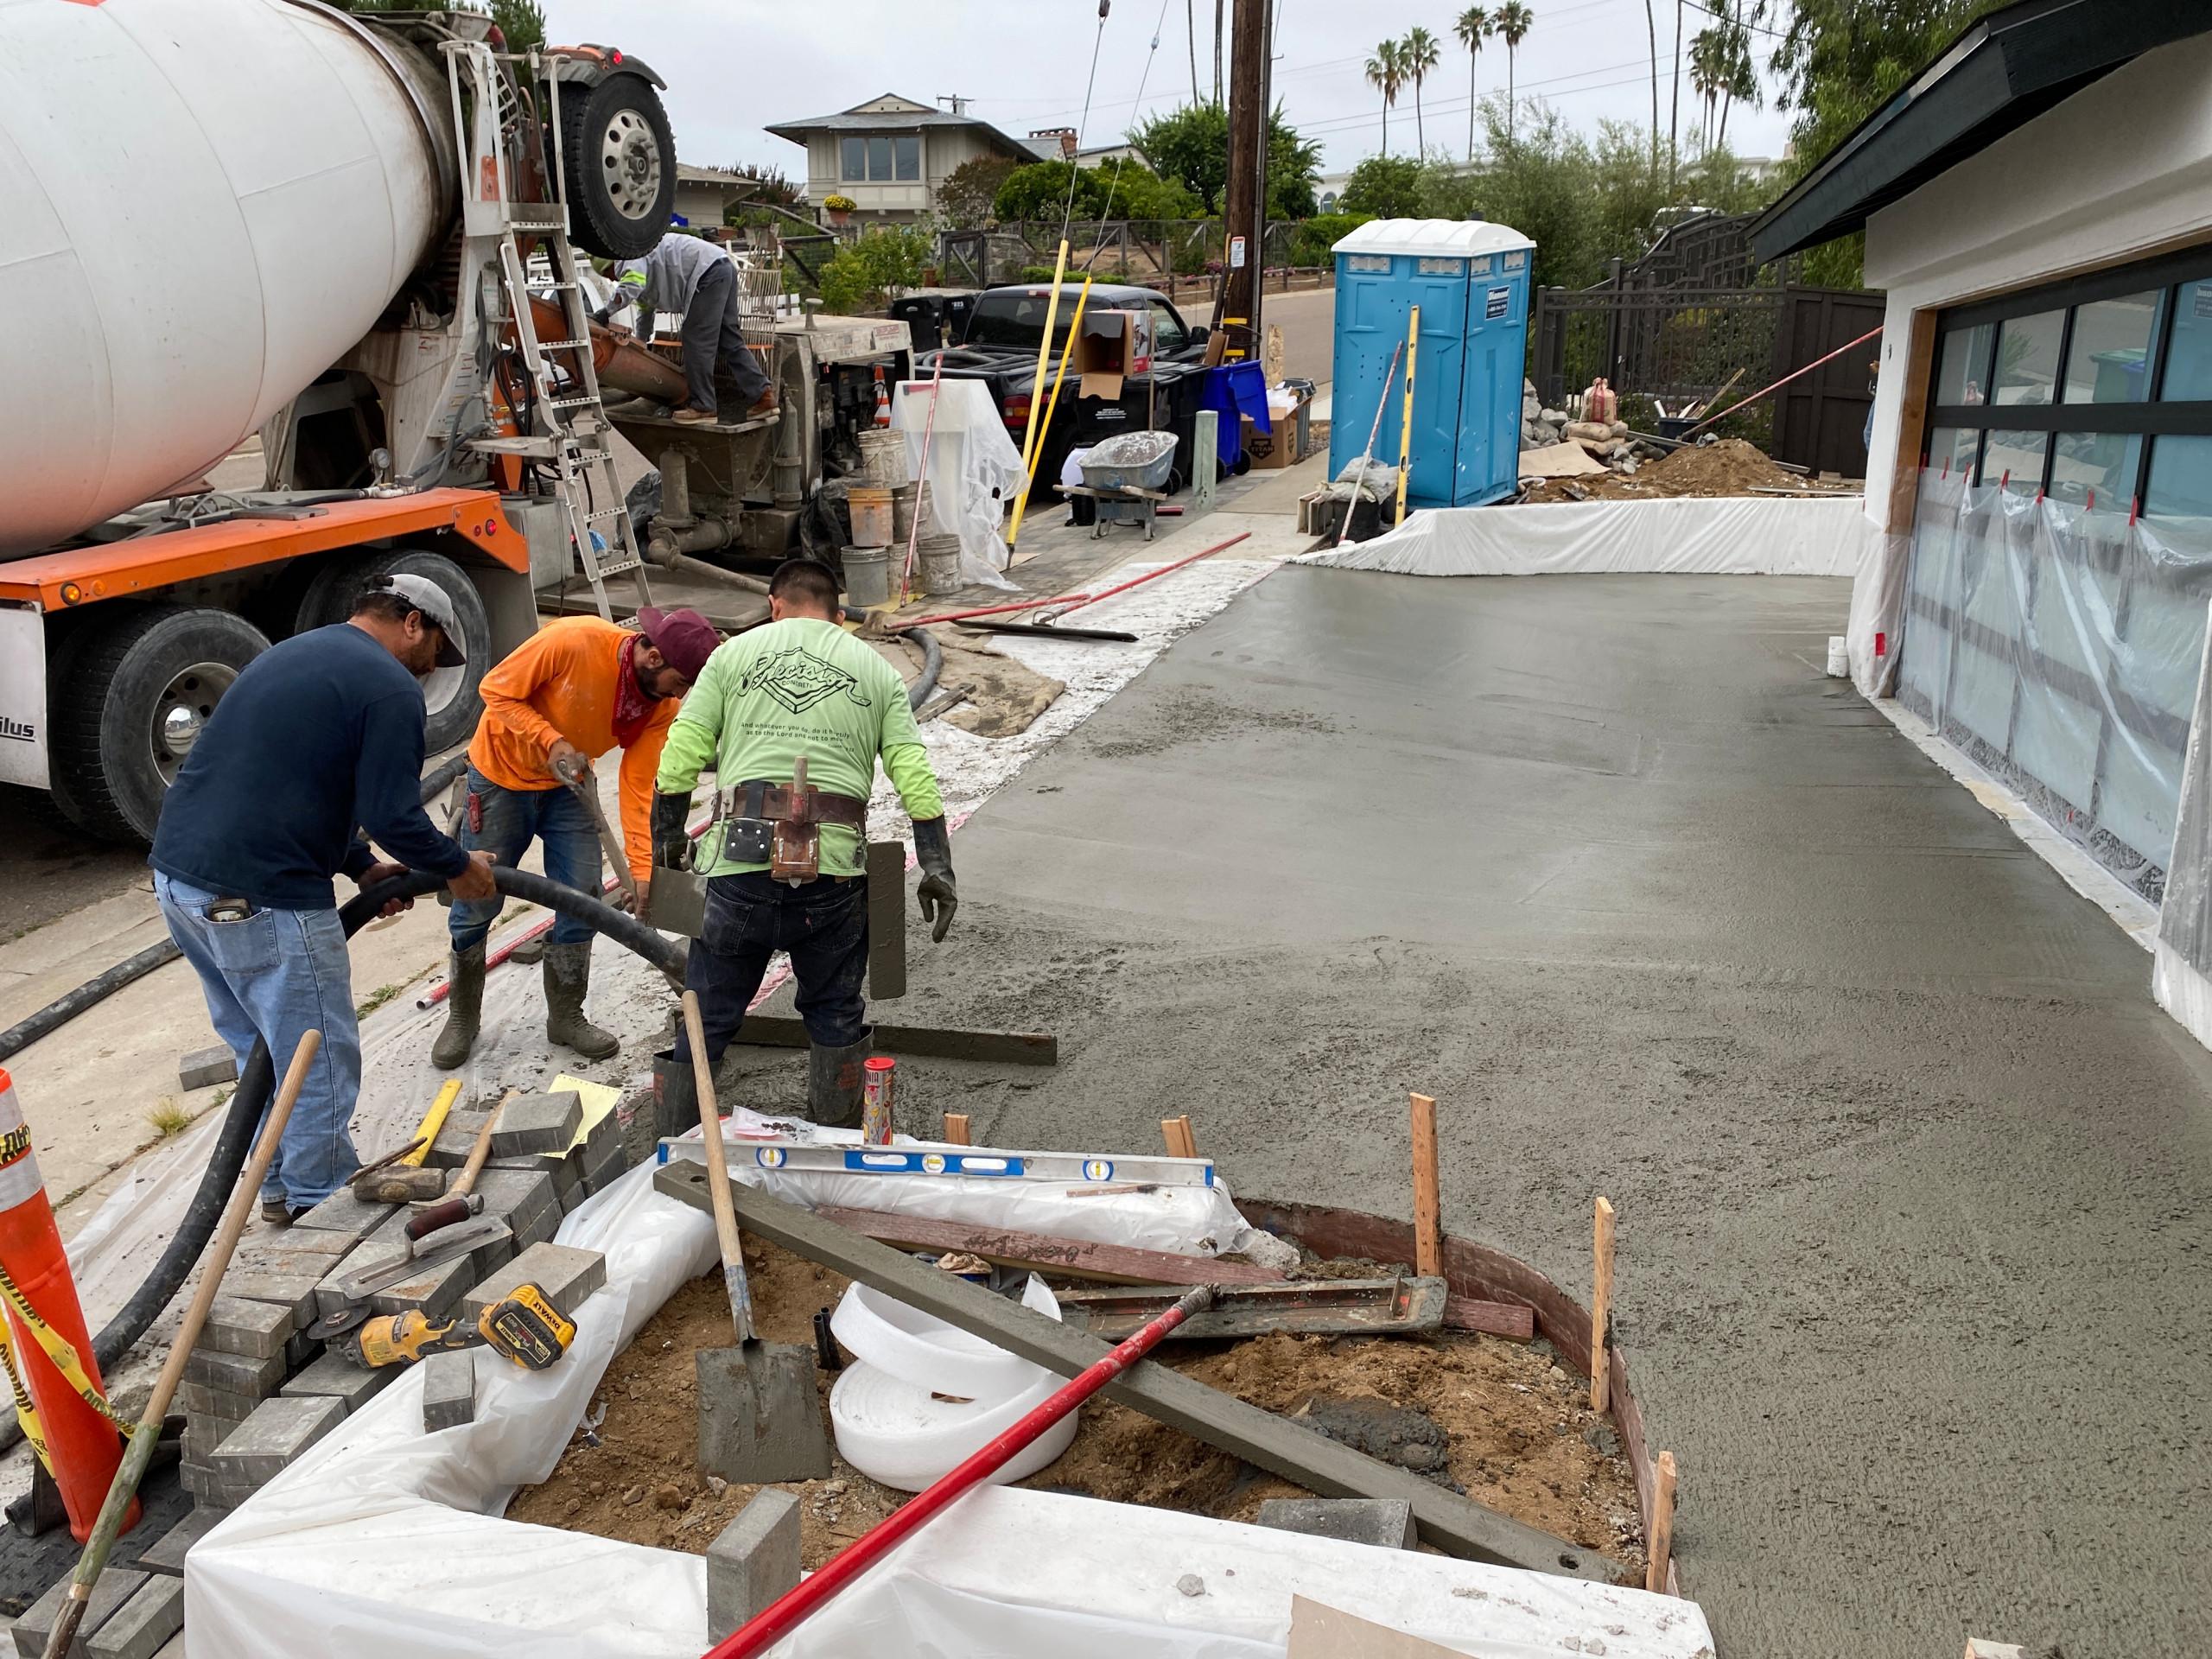 Pouring a New Concrete Driveway in La Jolla